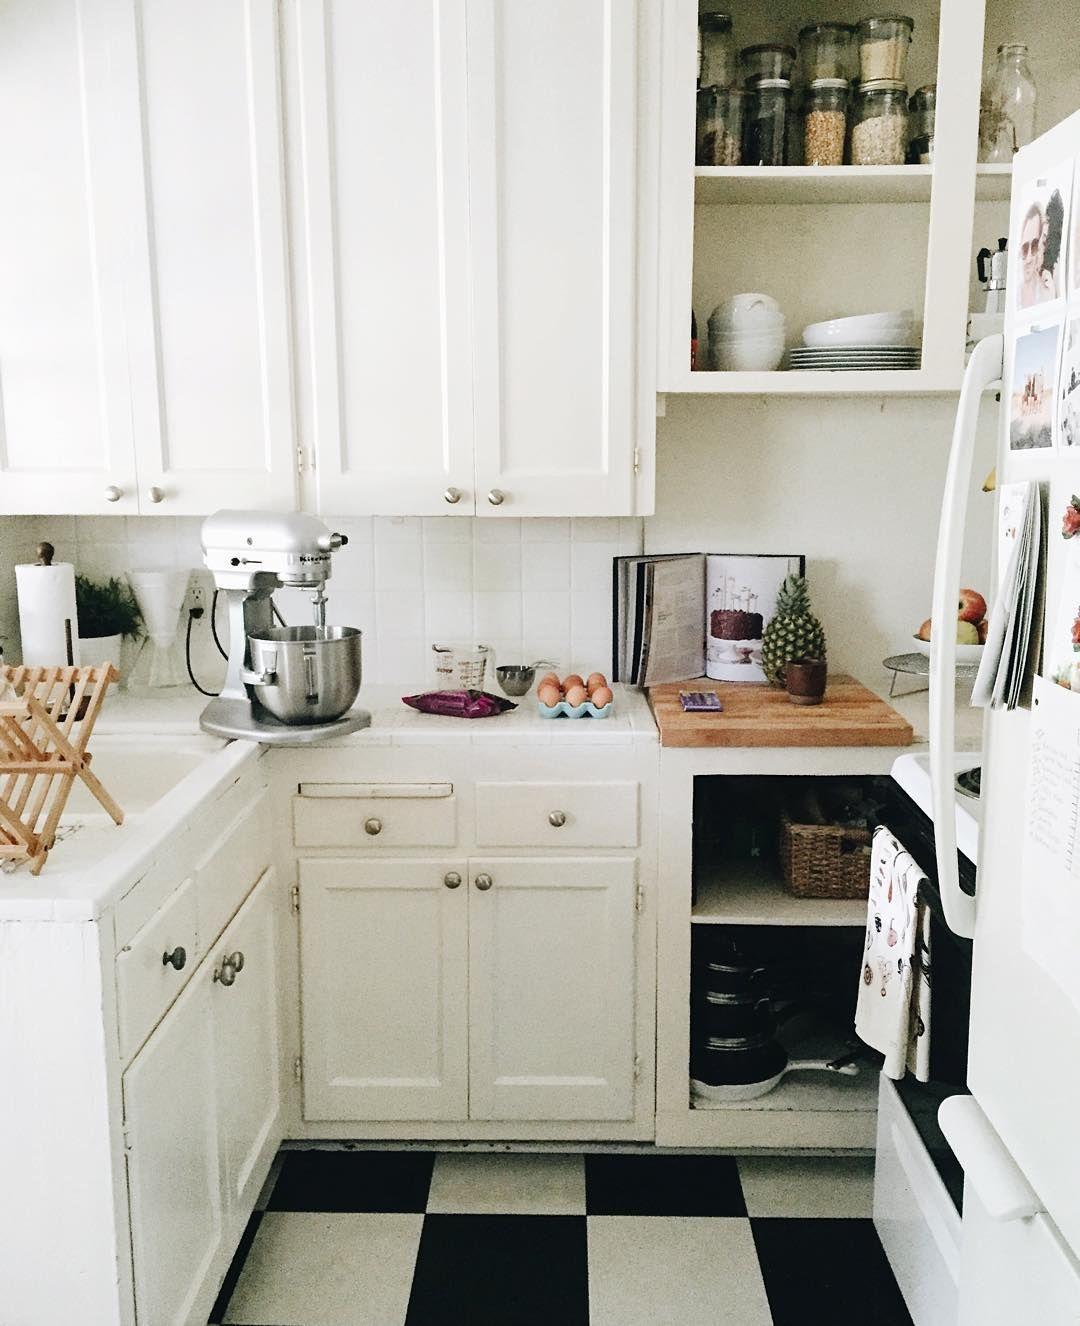 pin by bunbunn on h o m e d e c o r with images kitchen kitchen aid mixer kitchen cabinets on r kitchen cabinets id=19475